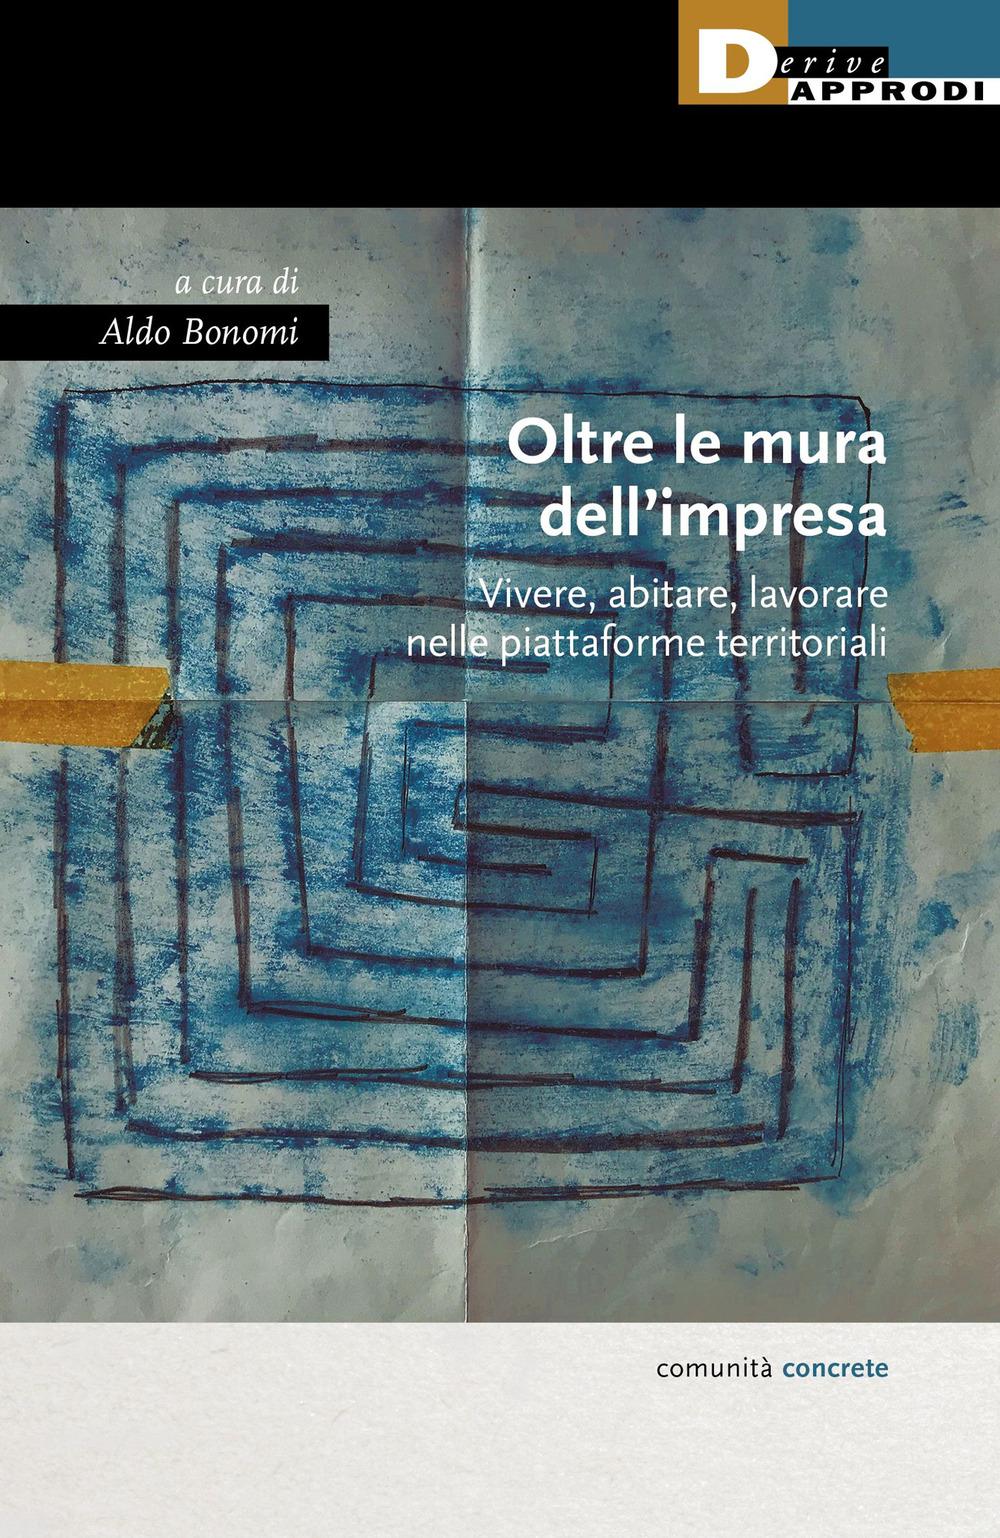 OLTRE LE MURA DELL'IMPRESA. VIVERE, ABITARE, LAVORARE NELLE PIATTAFORME TERRITORIALI - Bonomi A. (cur.) - 9788865483305